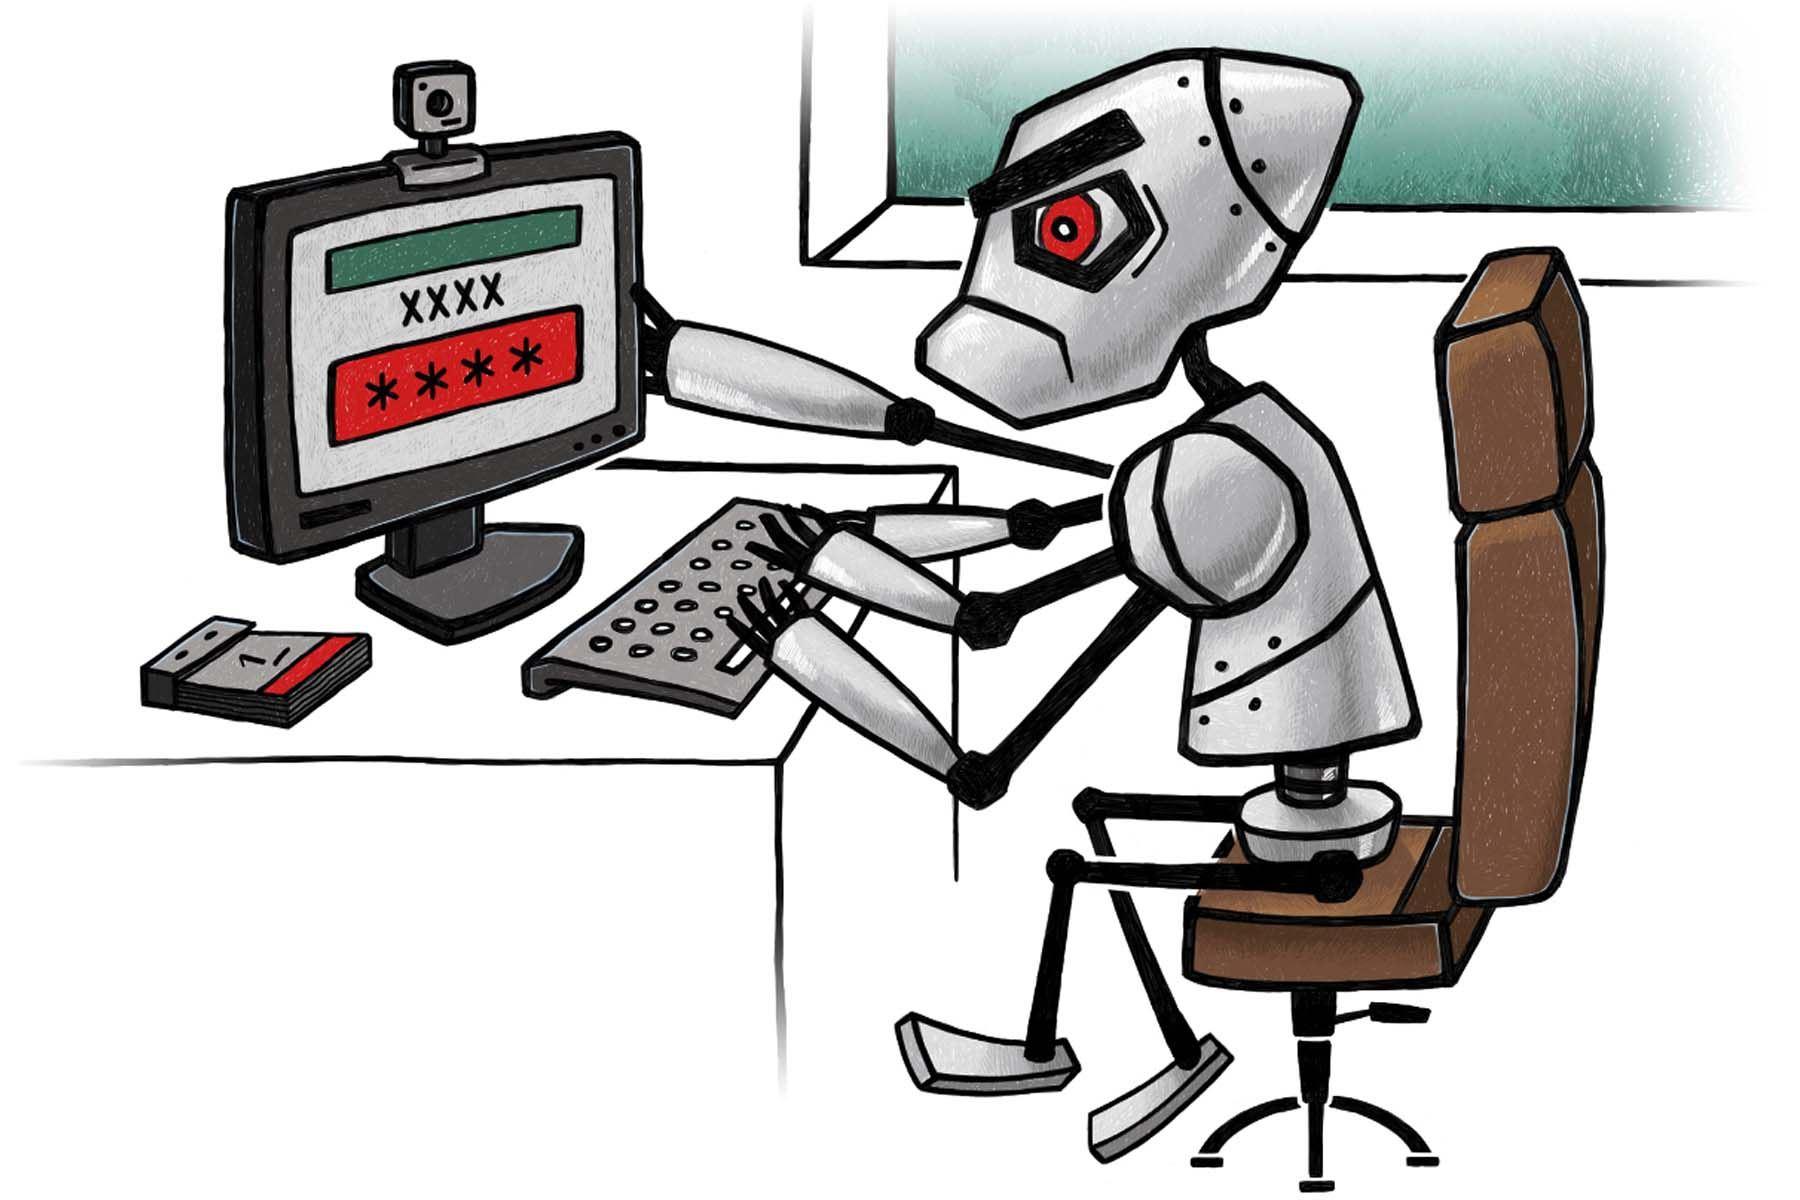 Los analistas de Kaspersky Lab registraron un aumento del 59 % en ataques de malware en América Latina en 2017– lo que se traduce a 33 ataques por segundo.